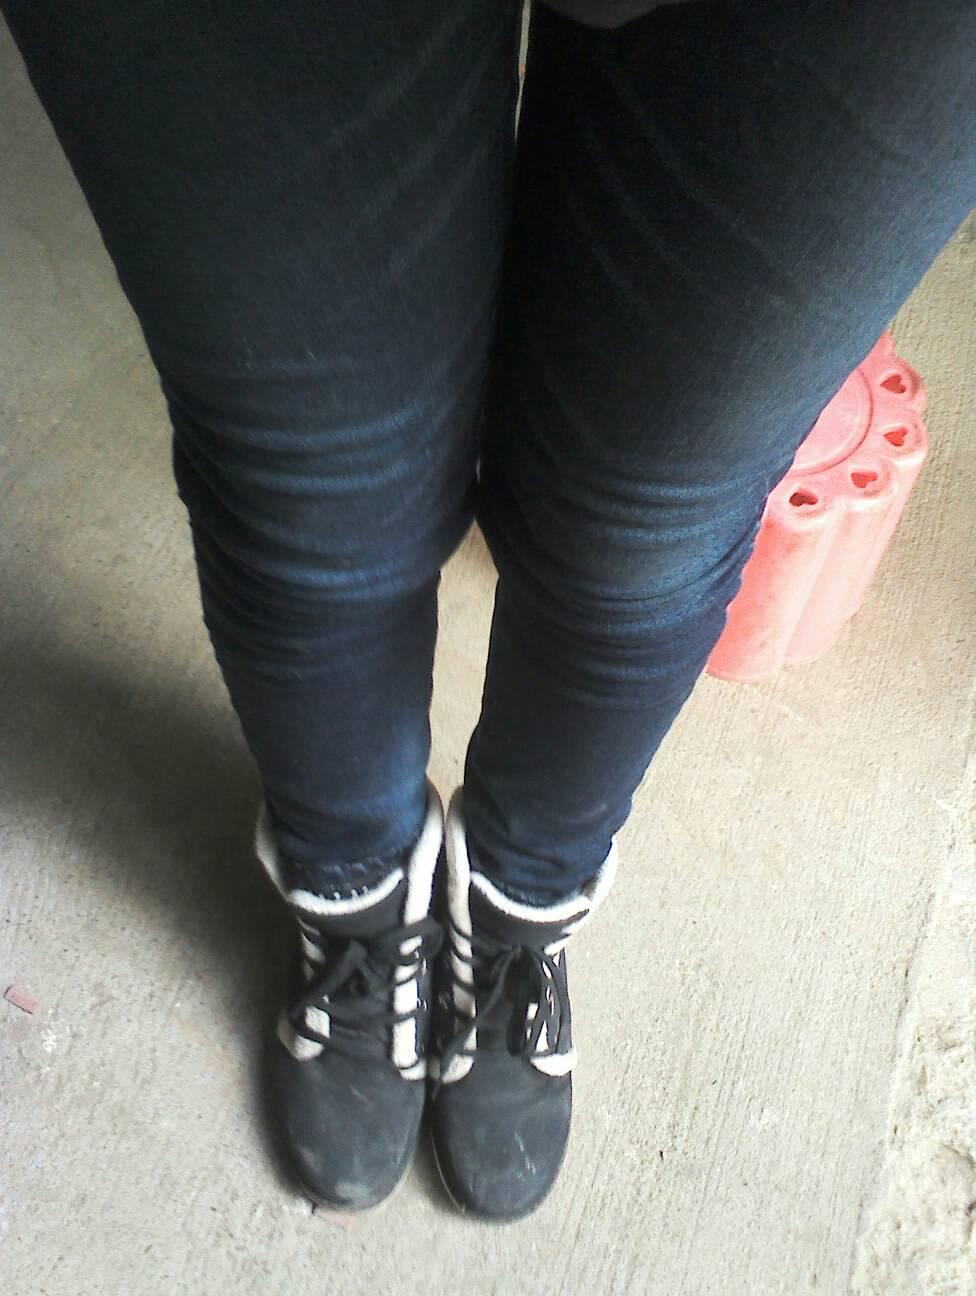 正常女生腿型_请问一下这是什么腿型?是x型腿么?如果是,怎么改正? 请告诉我 ...